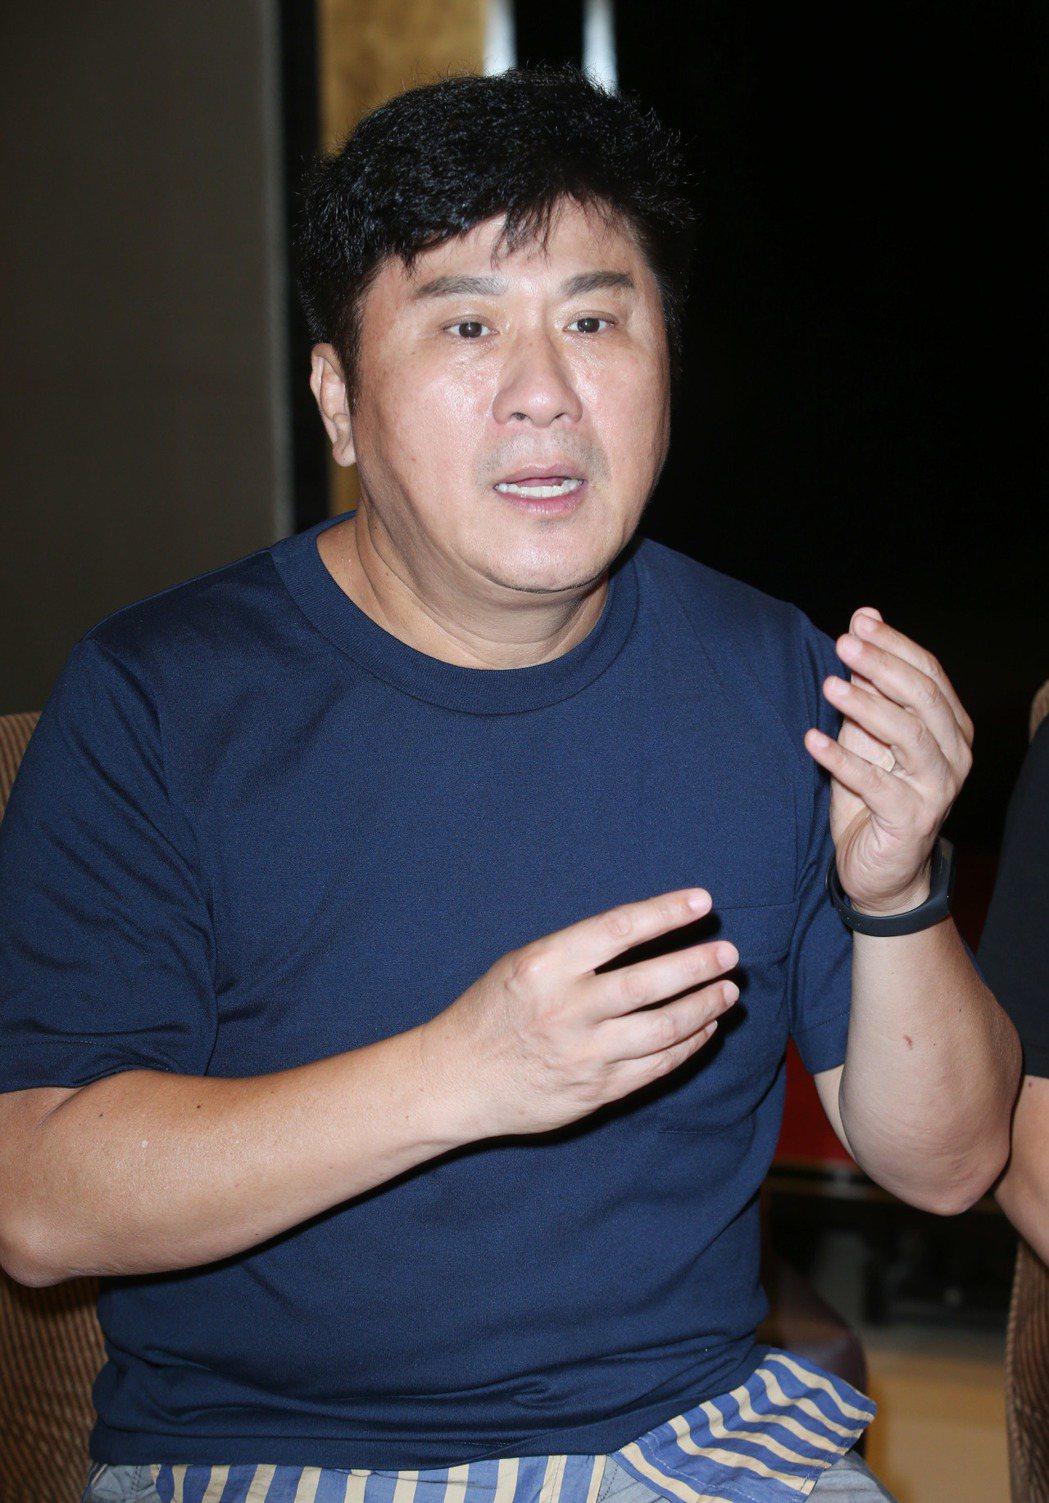 胡瓜談綜藝大集合主持甘苦。記者陳瑞源/攝影